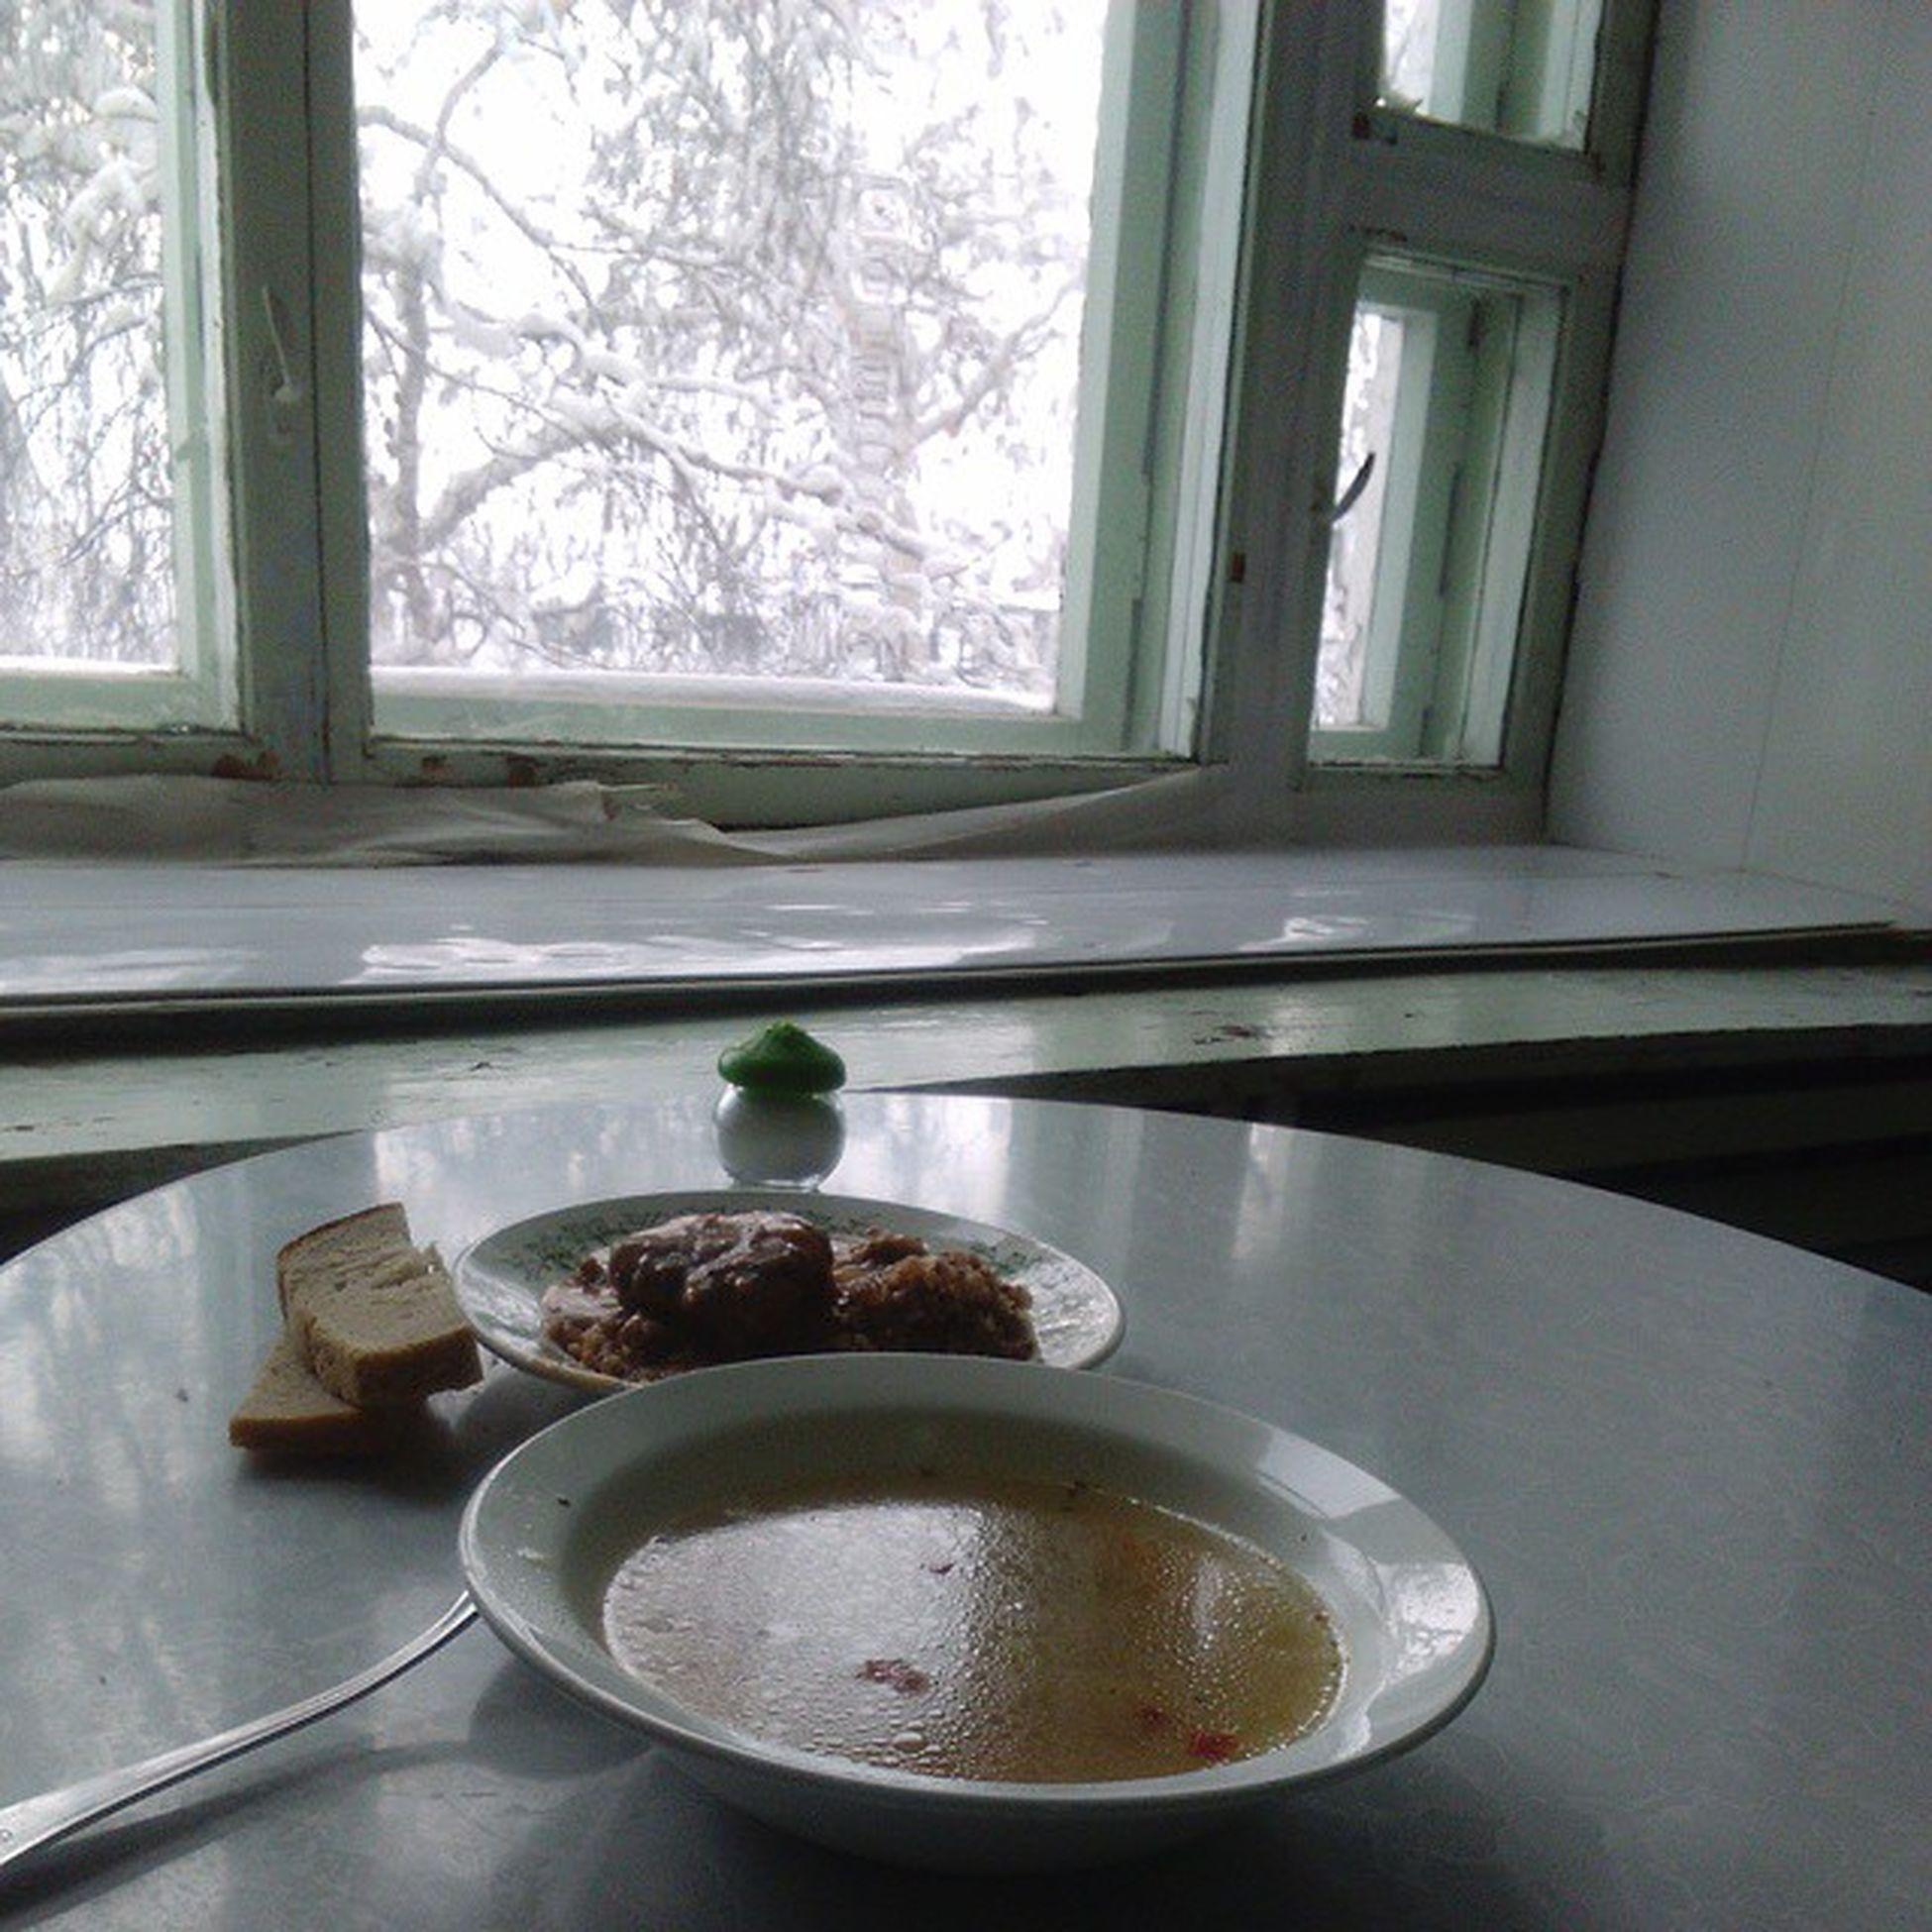 инстаграмеды в больничной столовой, классный видизокна янц янцсоран обед